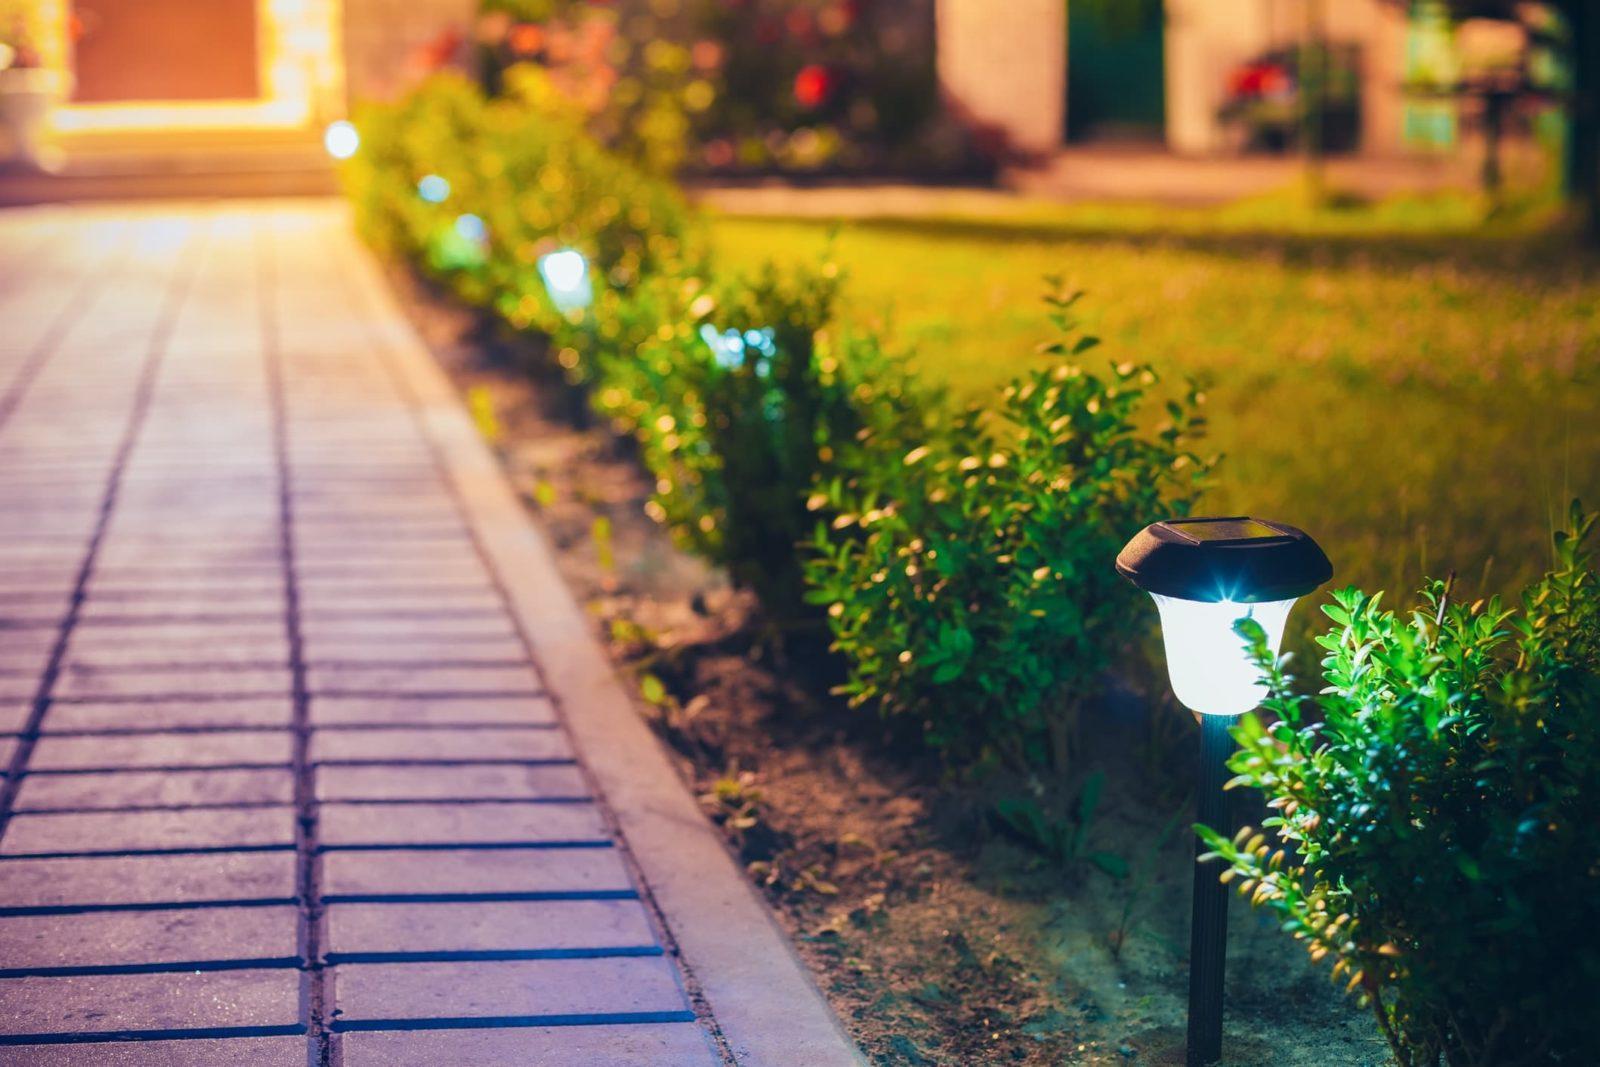 solar garden lights arranged along a driveway